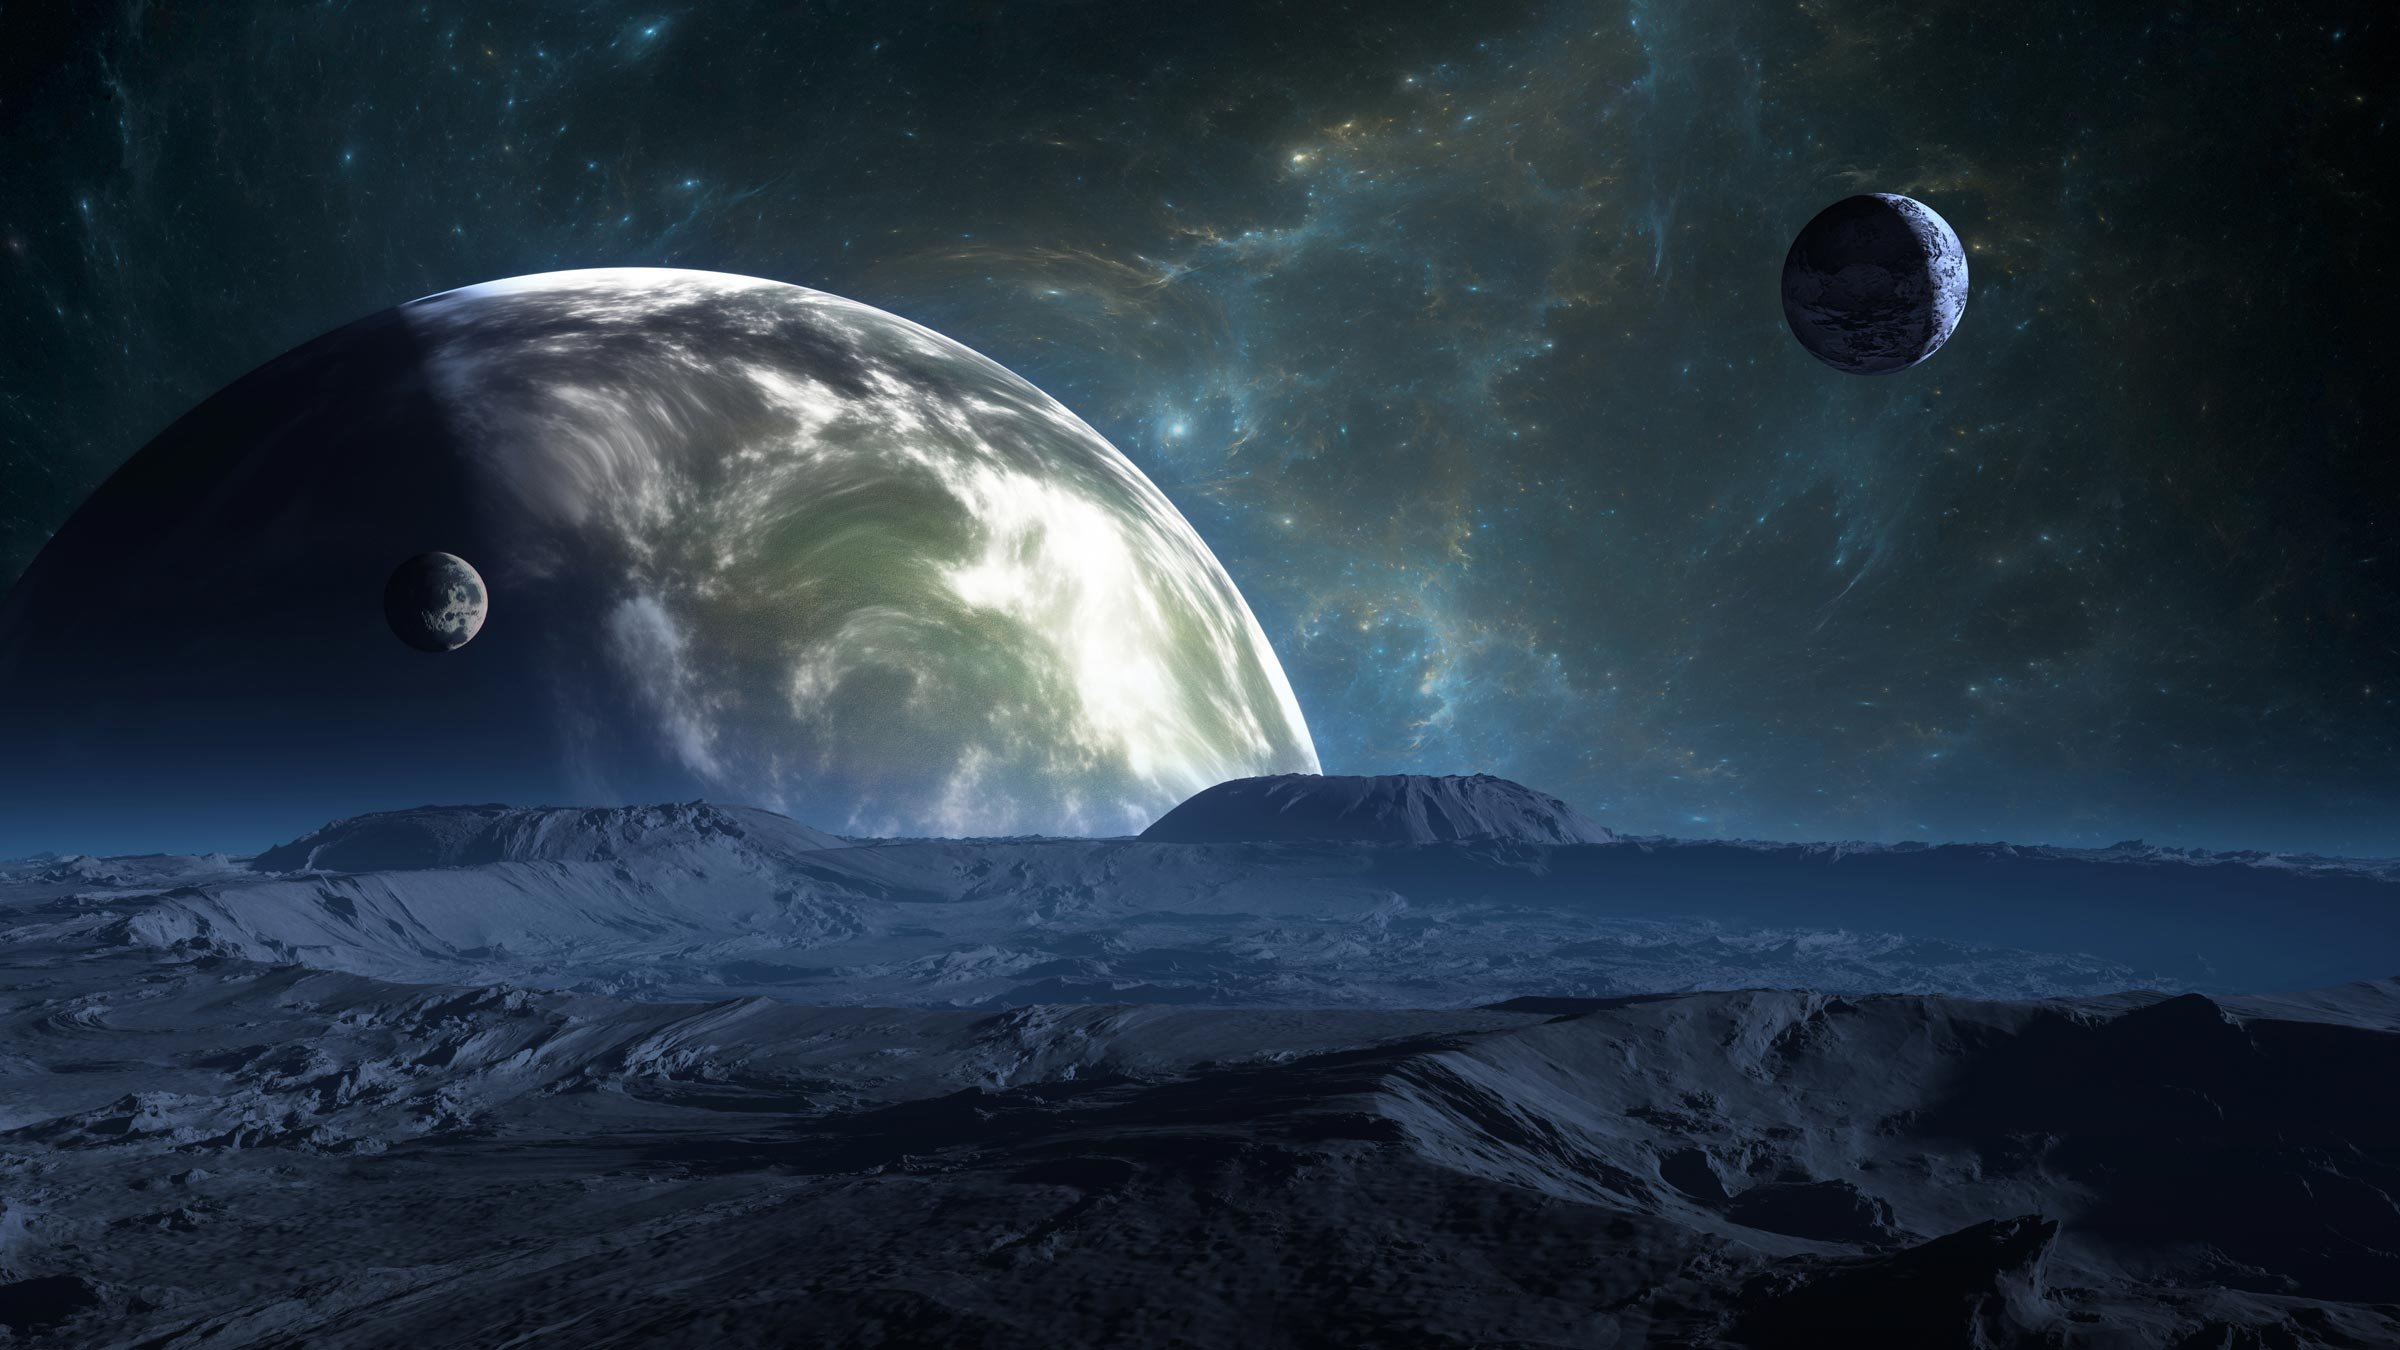 كواكب خارجية أكثر ملاءمة للحياة من الأرض - الكواكب التي يمكن أن تستقبل على سطحها حياة معقدة - كواكب مناسبة للحياة أكثر من أرضنا